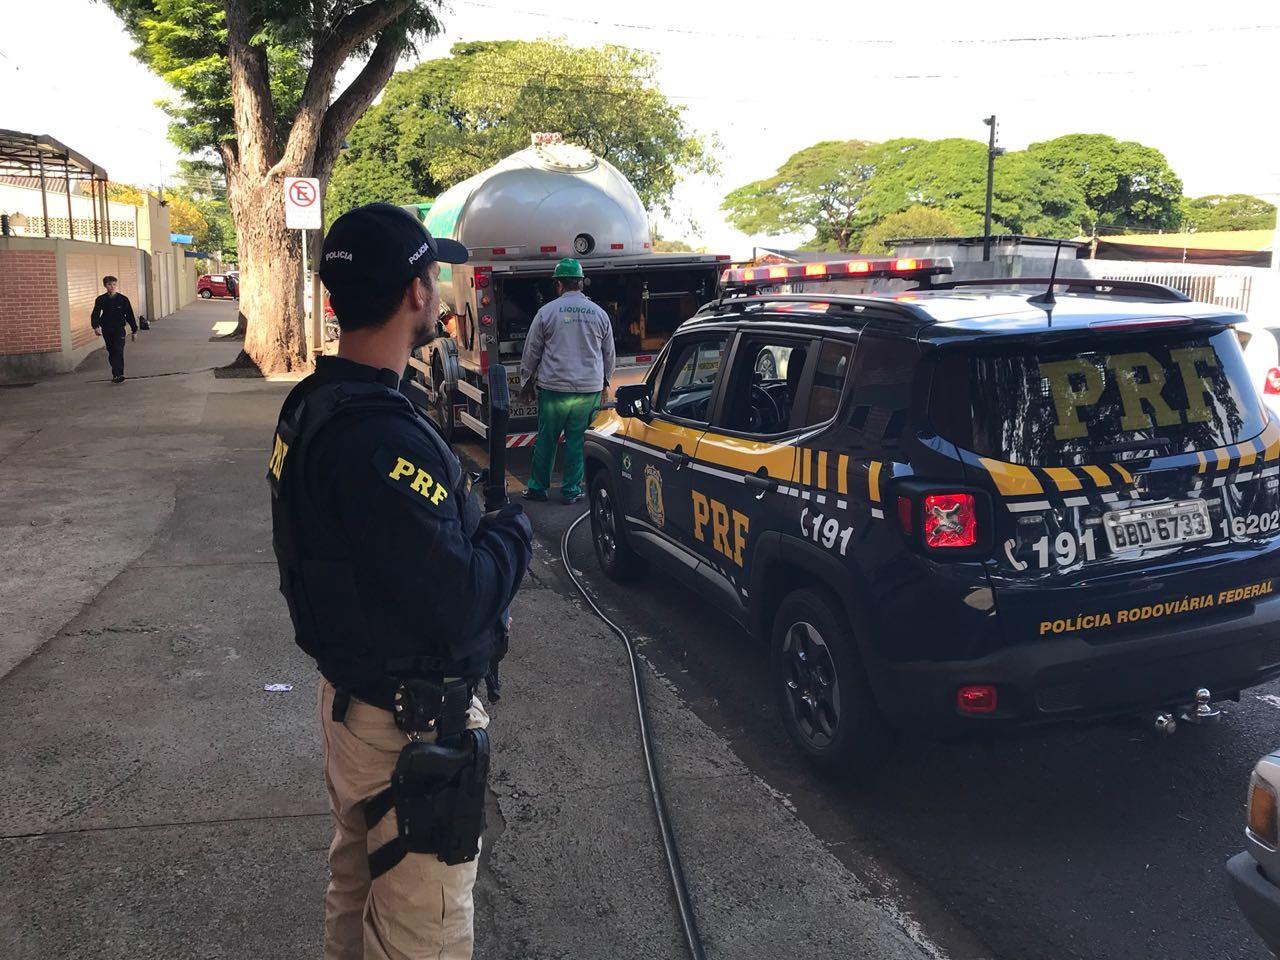 PRF escolta caminhões de GLP para dois hospitais